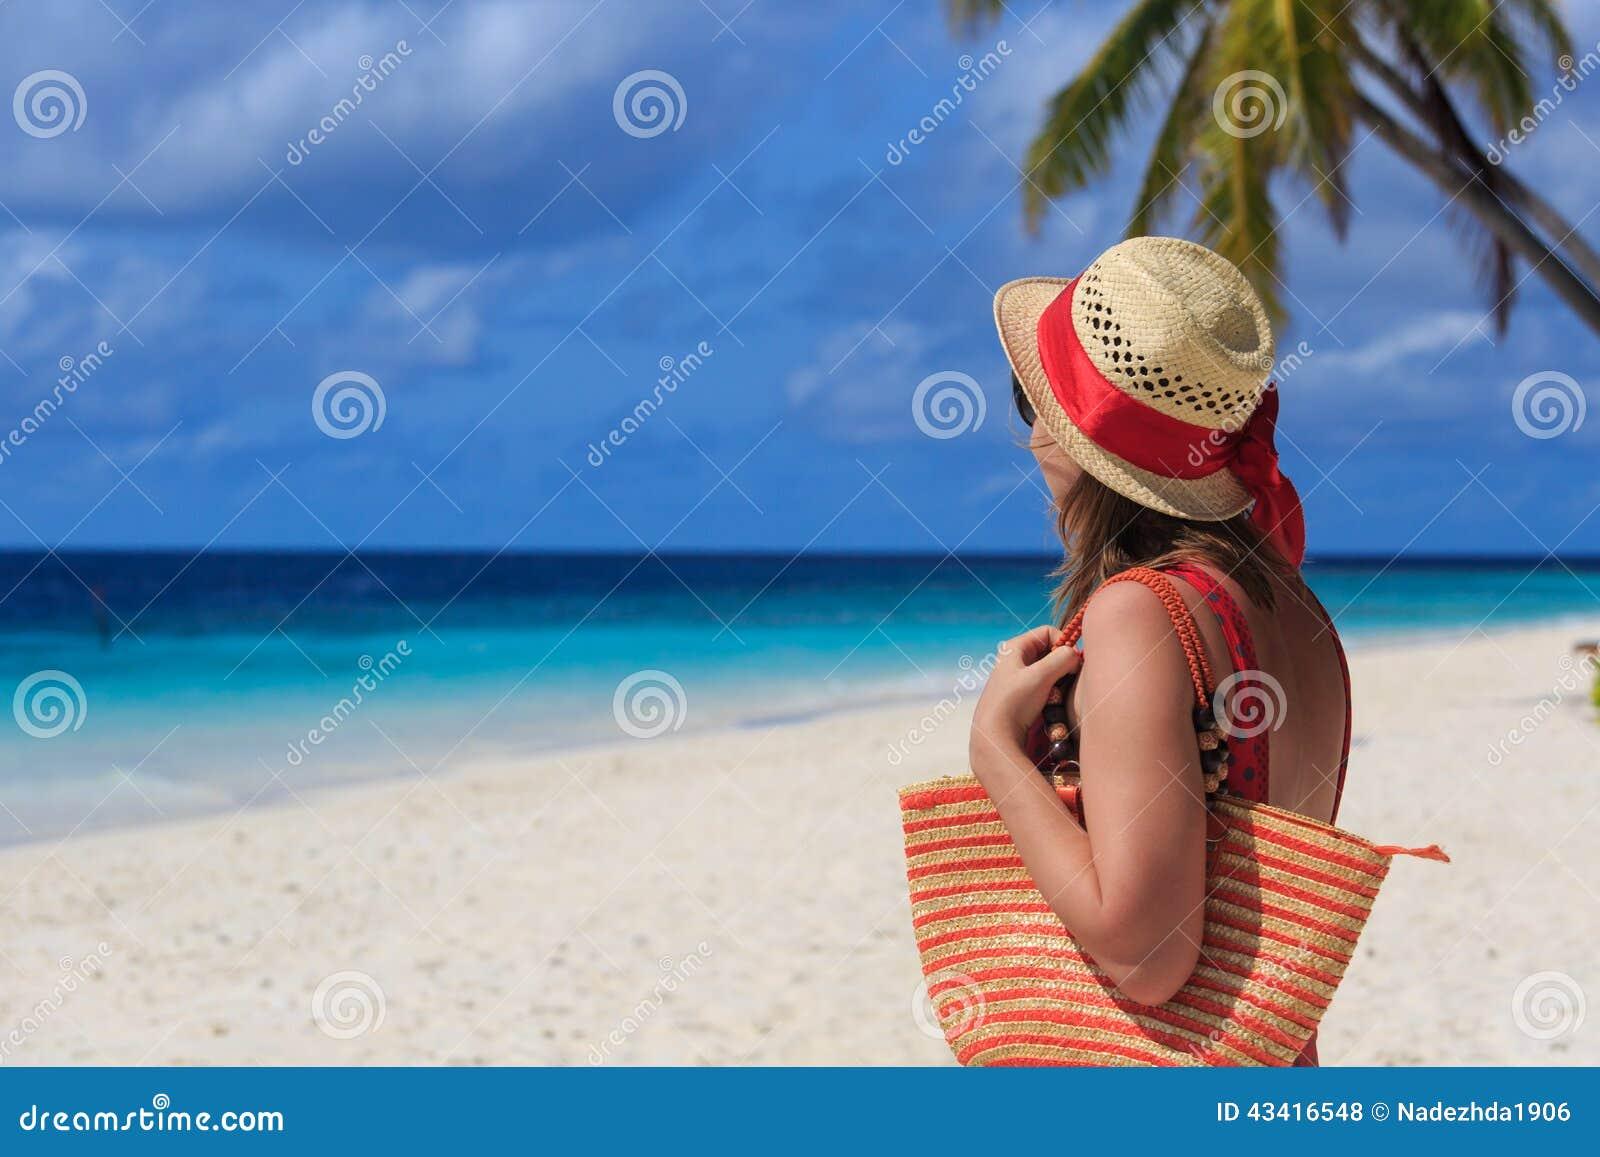 Femme avec le sac de plage la mer photo stock image 43416548 - Sortie de plage femme ...